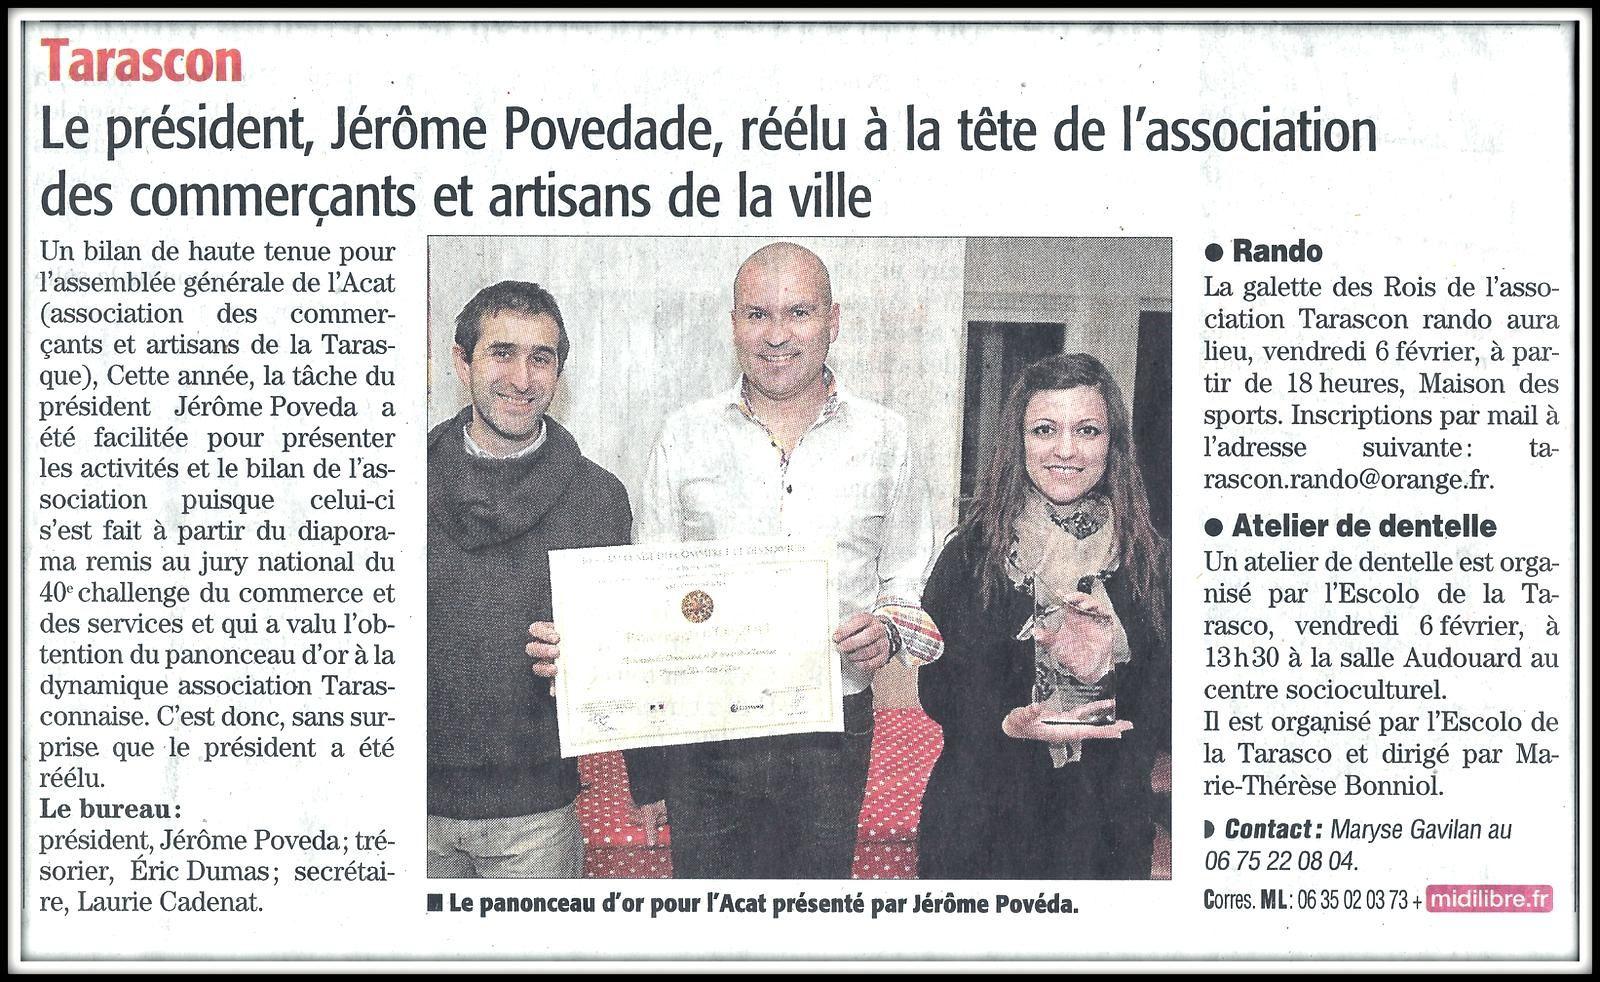 Article du Midi Libre  du jeudi 5 février 2015 - Assemblée Générale de l'A.C.A.T. - Nouveau Bureau - Diplôme & Trophée du Panonceau d'Or